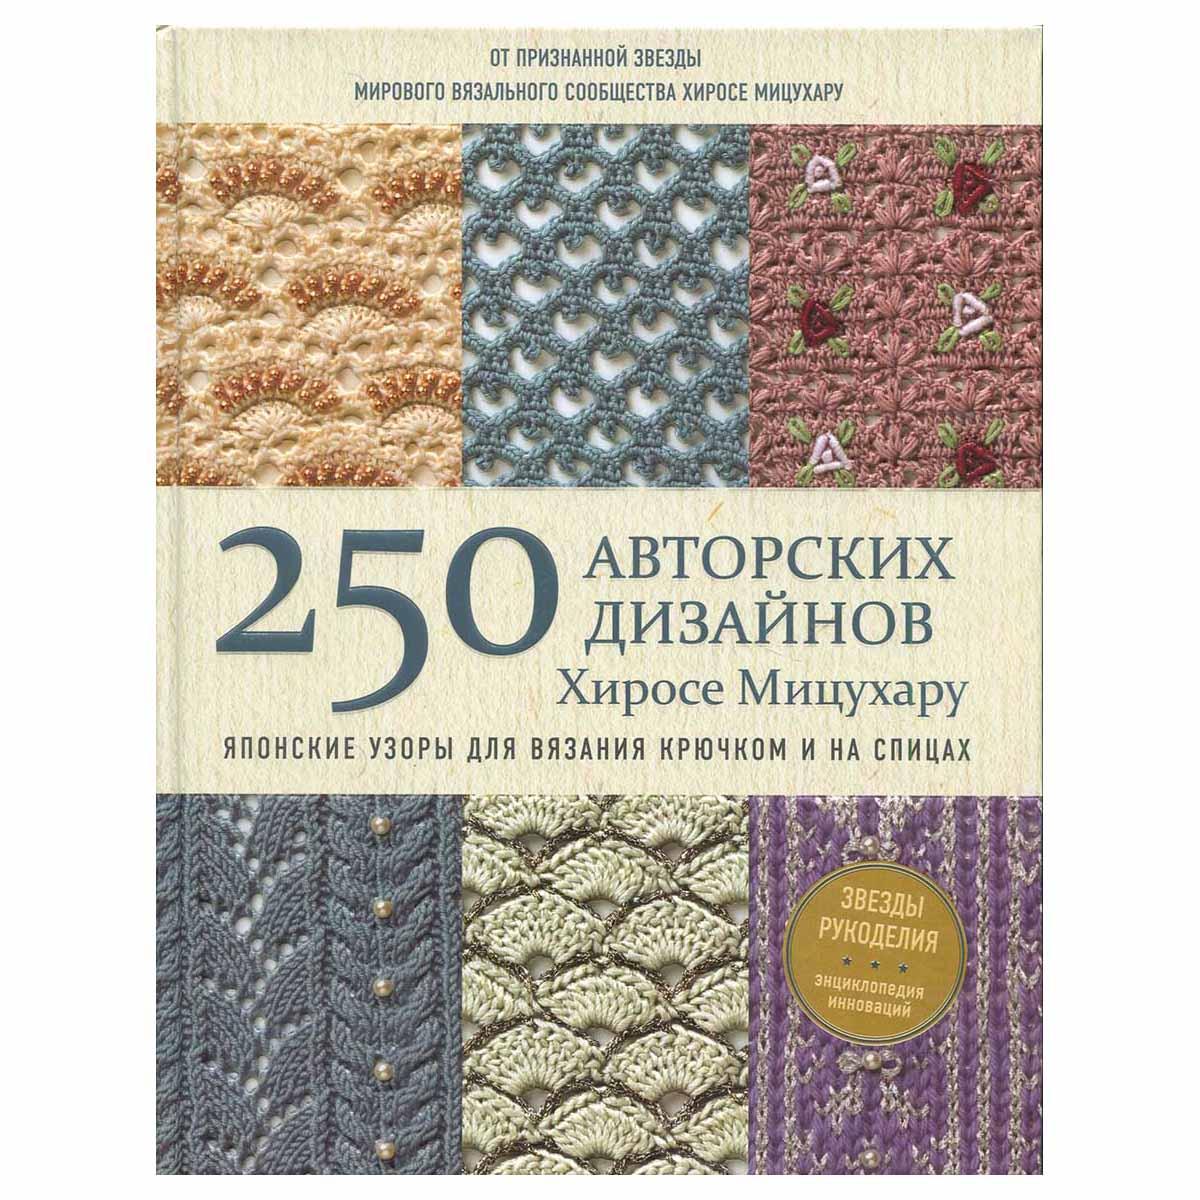 Брошюра 250 японских узоров для вязания крючком и на спицах Х.Мицухару.